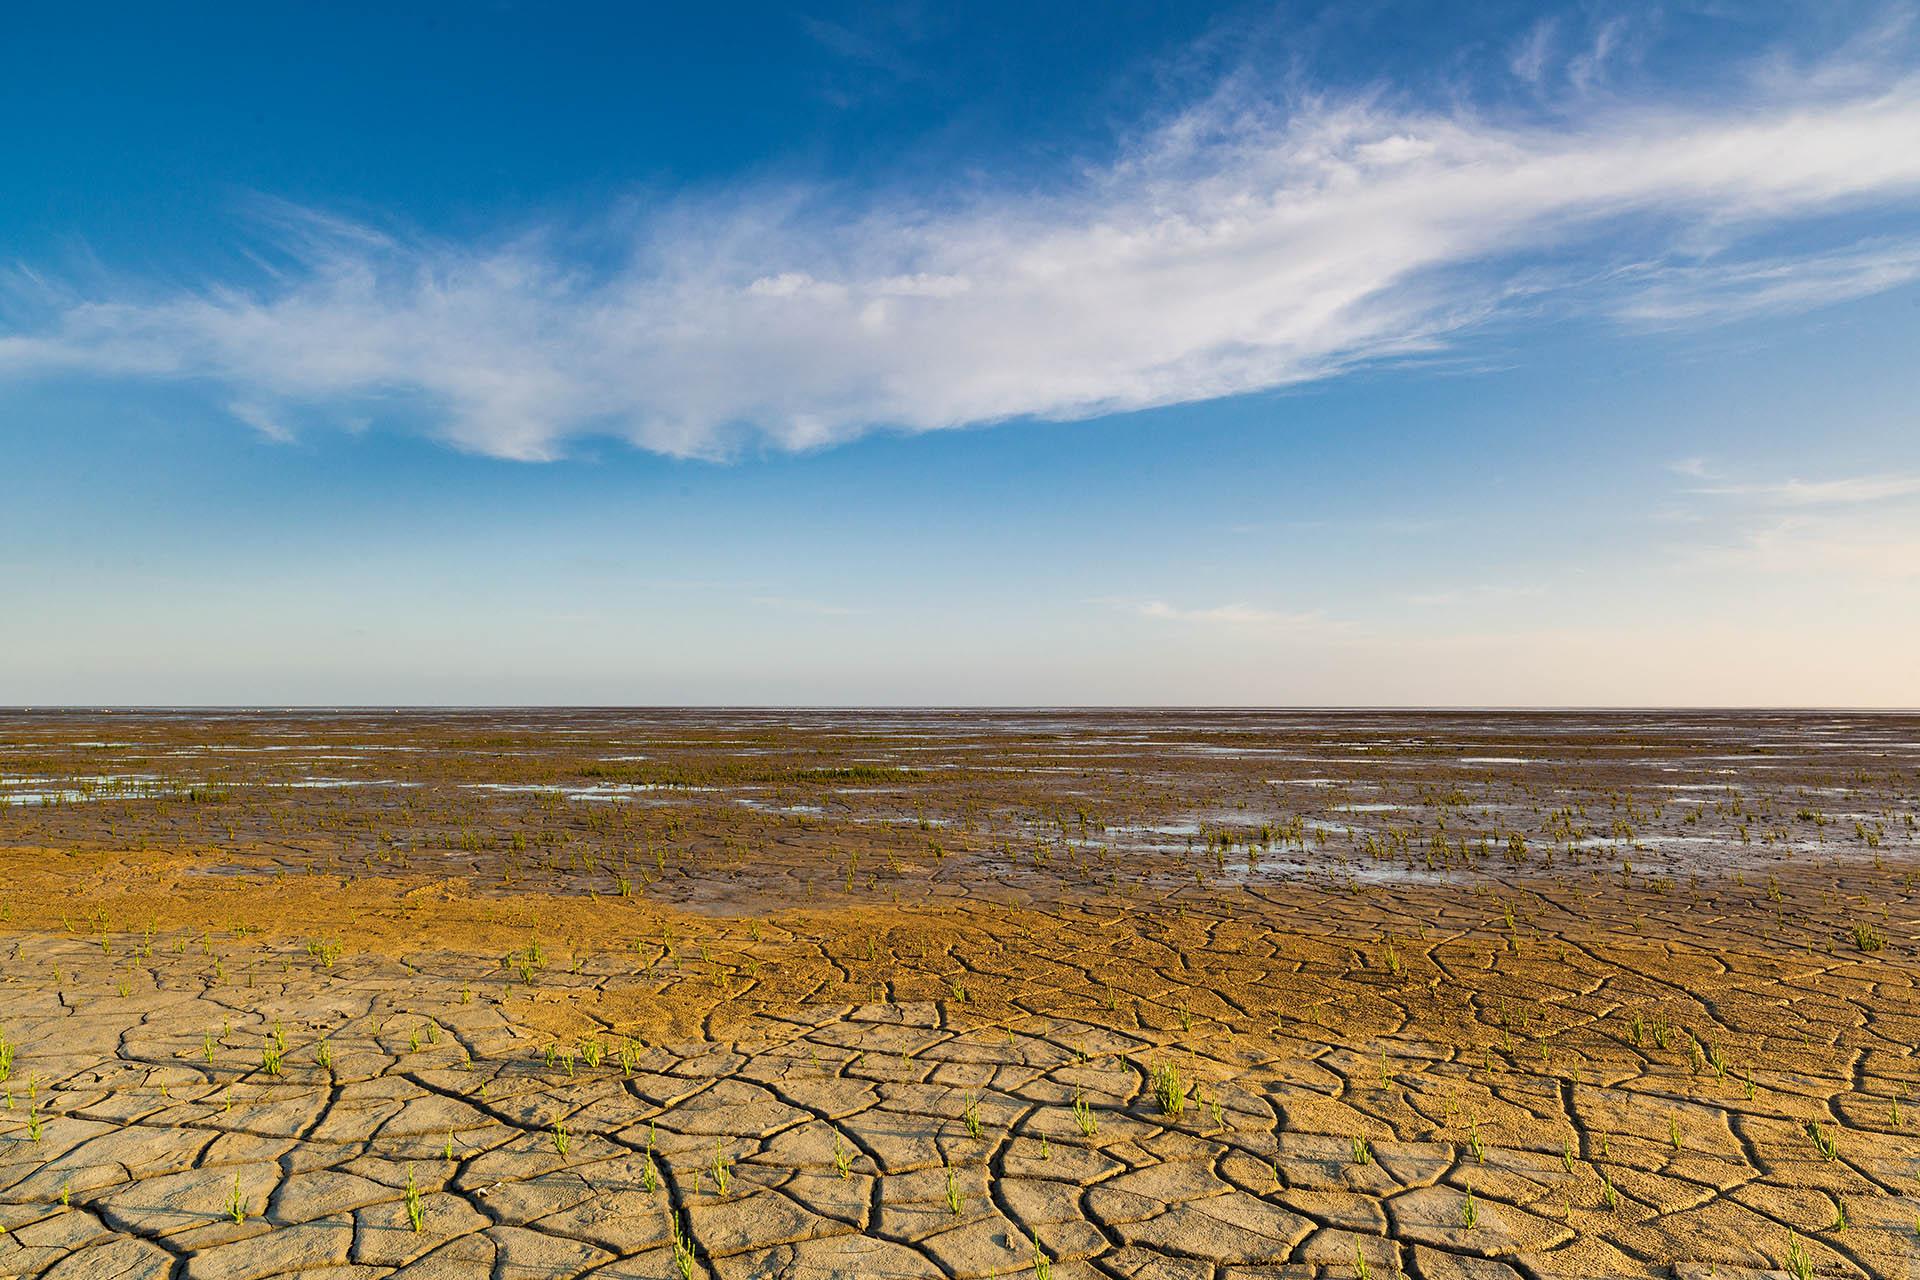 Door de droogte ontstaan krimscheuren in het slik op het Wad.